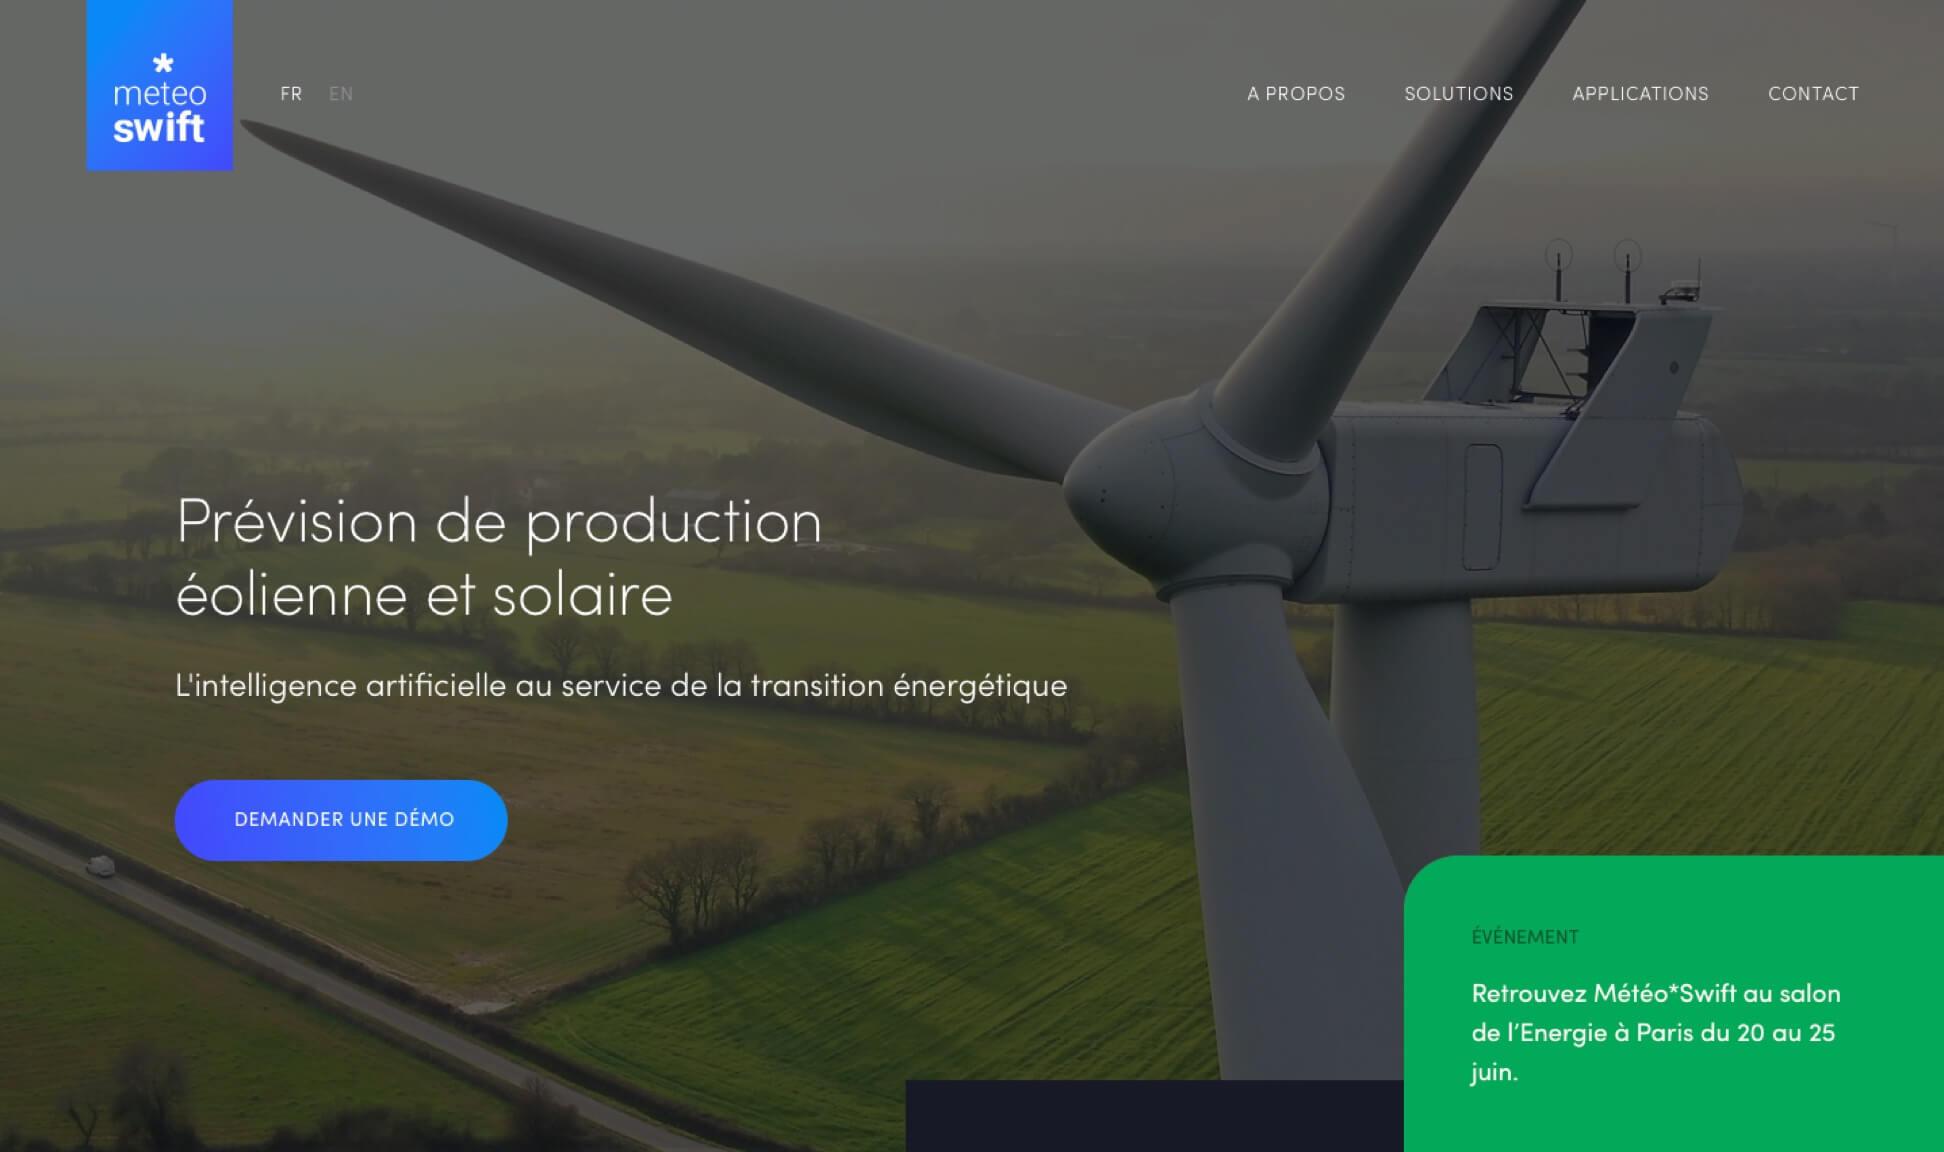 Page Prévision de production éolienne et solaire Meteo*Swift